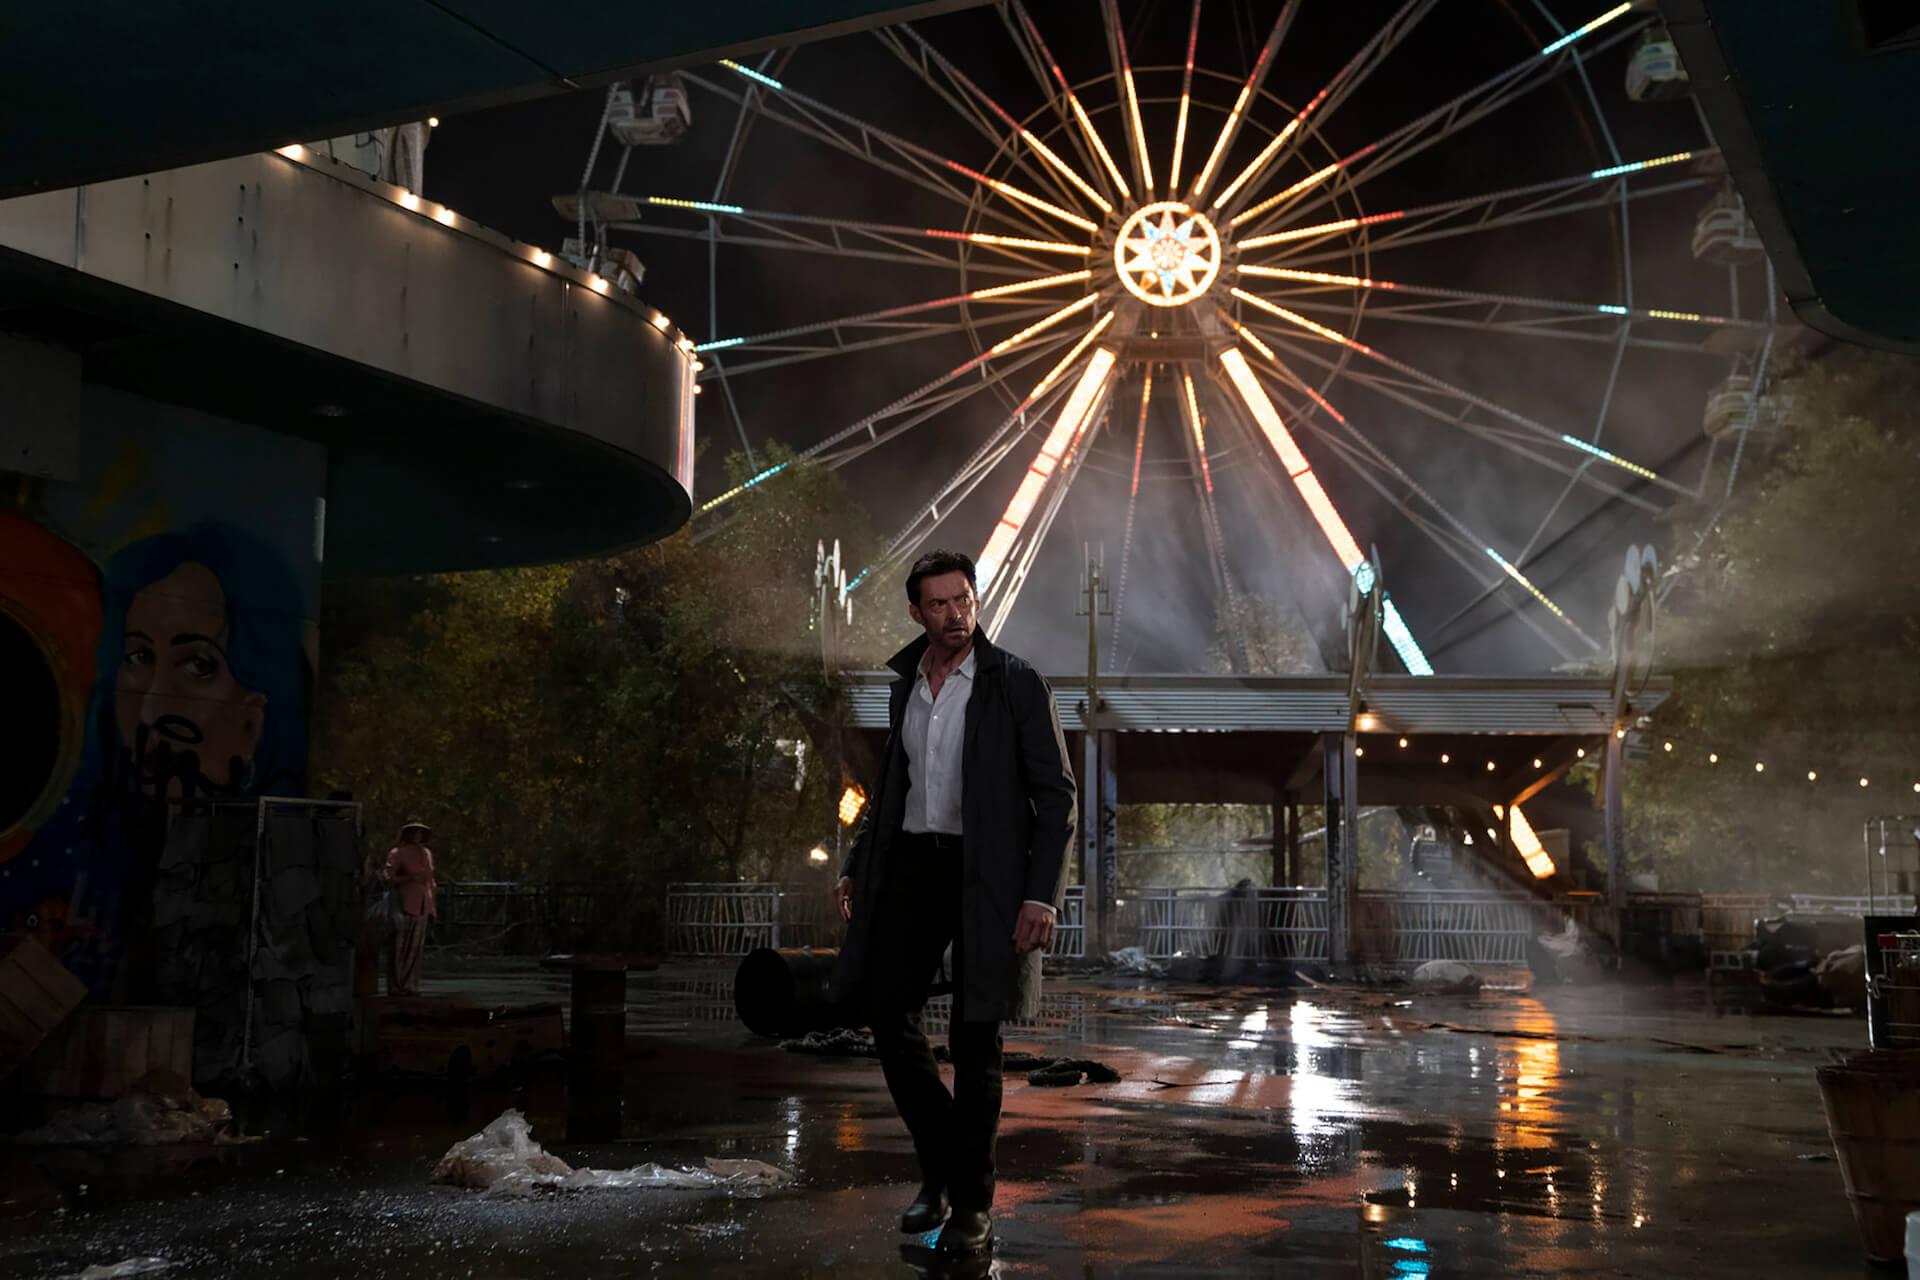 ジョナサン・ノーランとリサ・ジョイが仕掛けるSFサスペンス、ついに公開!ヒュー・ジャックマン主演『レミニセンス』の本編冒頭映像が解禁 film210917_reminiscence_6